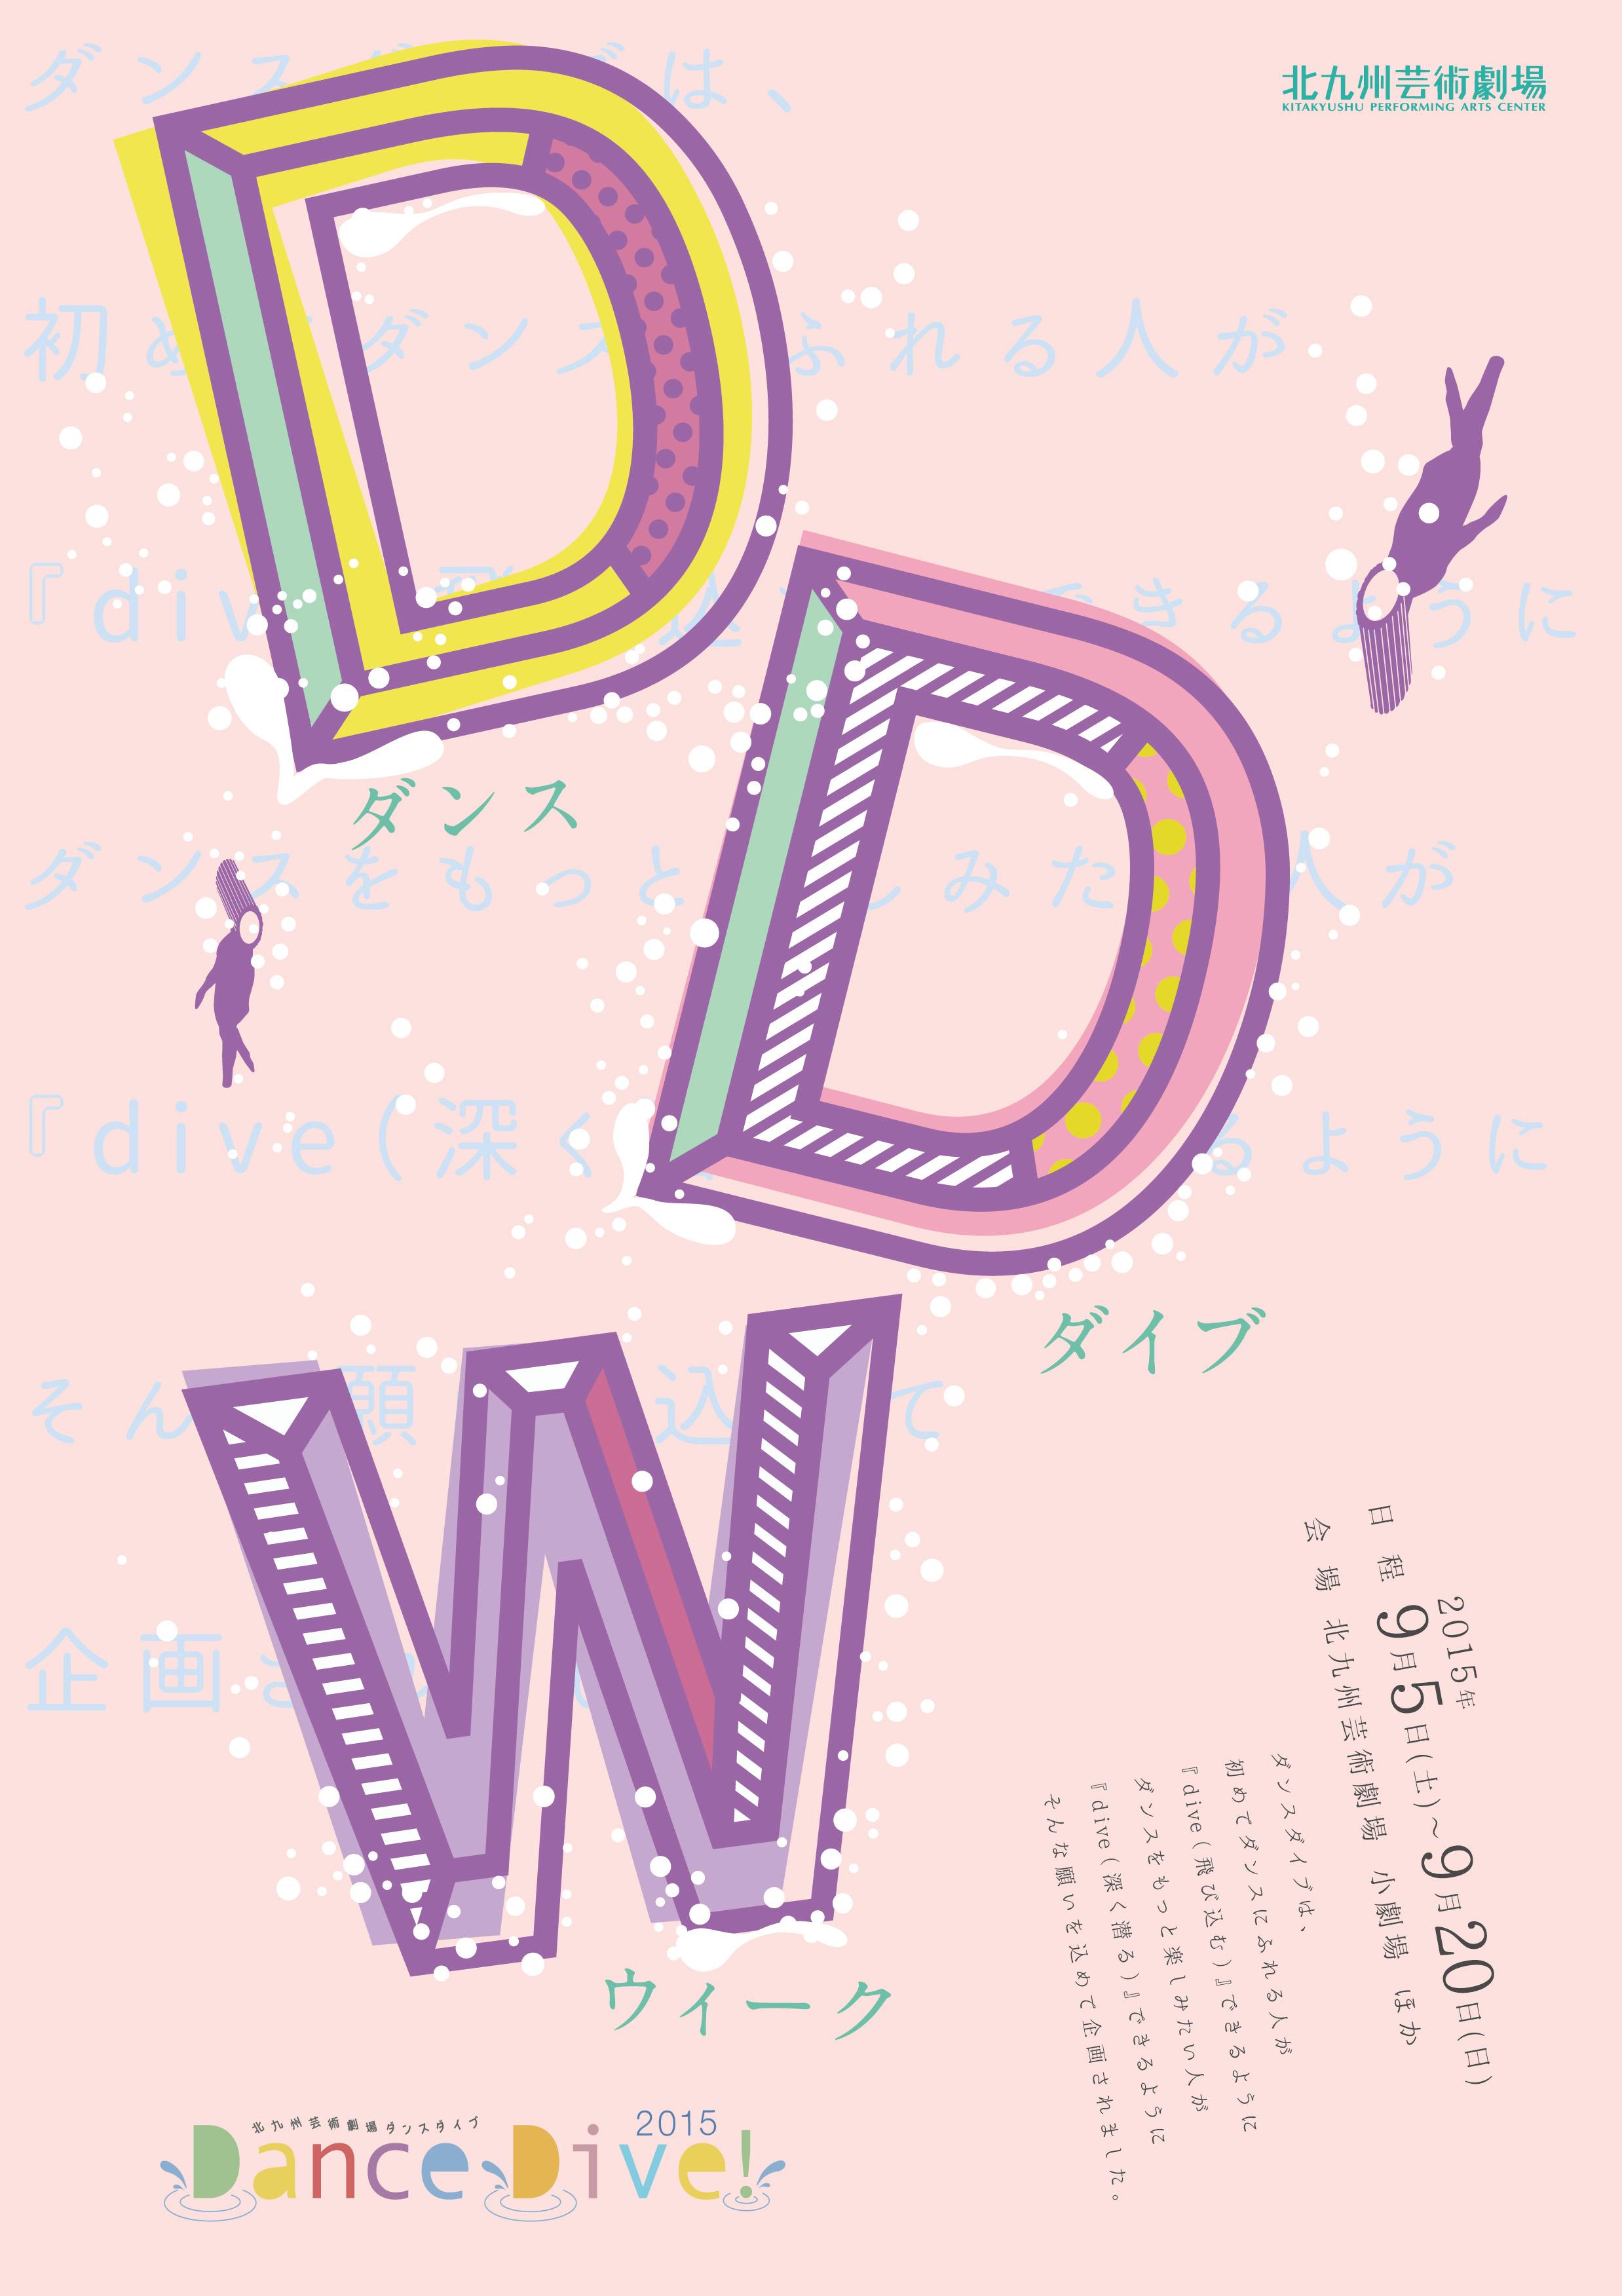 DDW2015